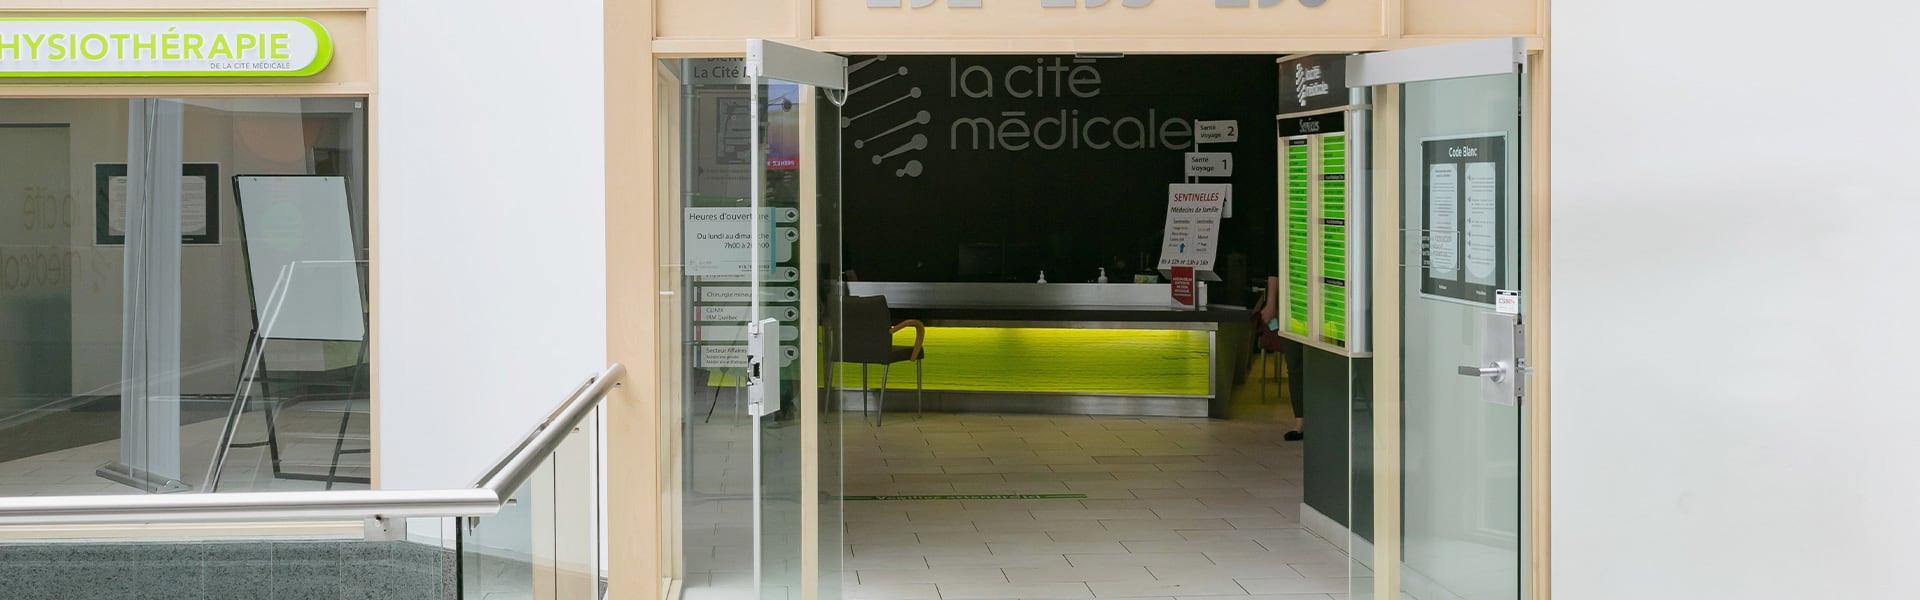 La Cité Médicale – Santé voyage | Place de la Cité